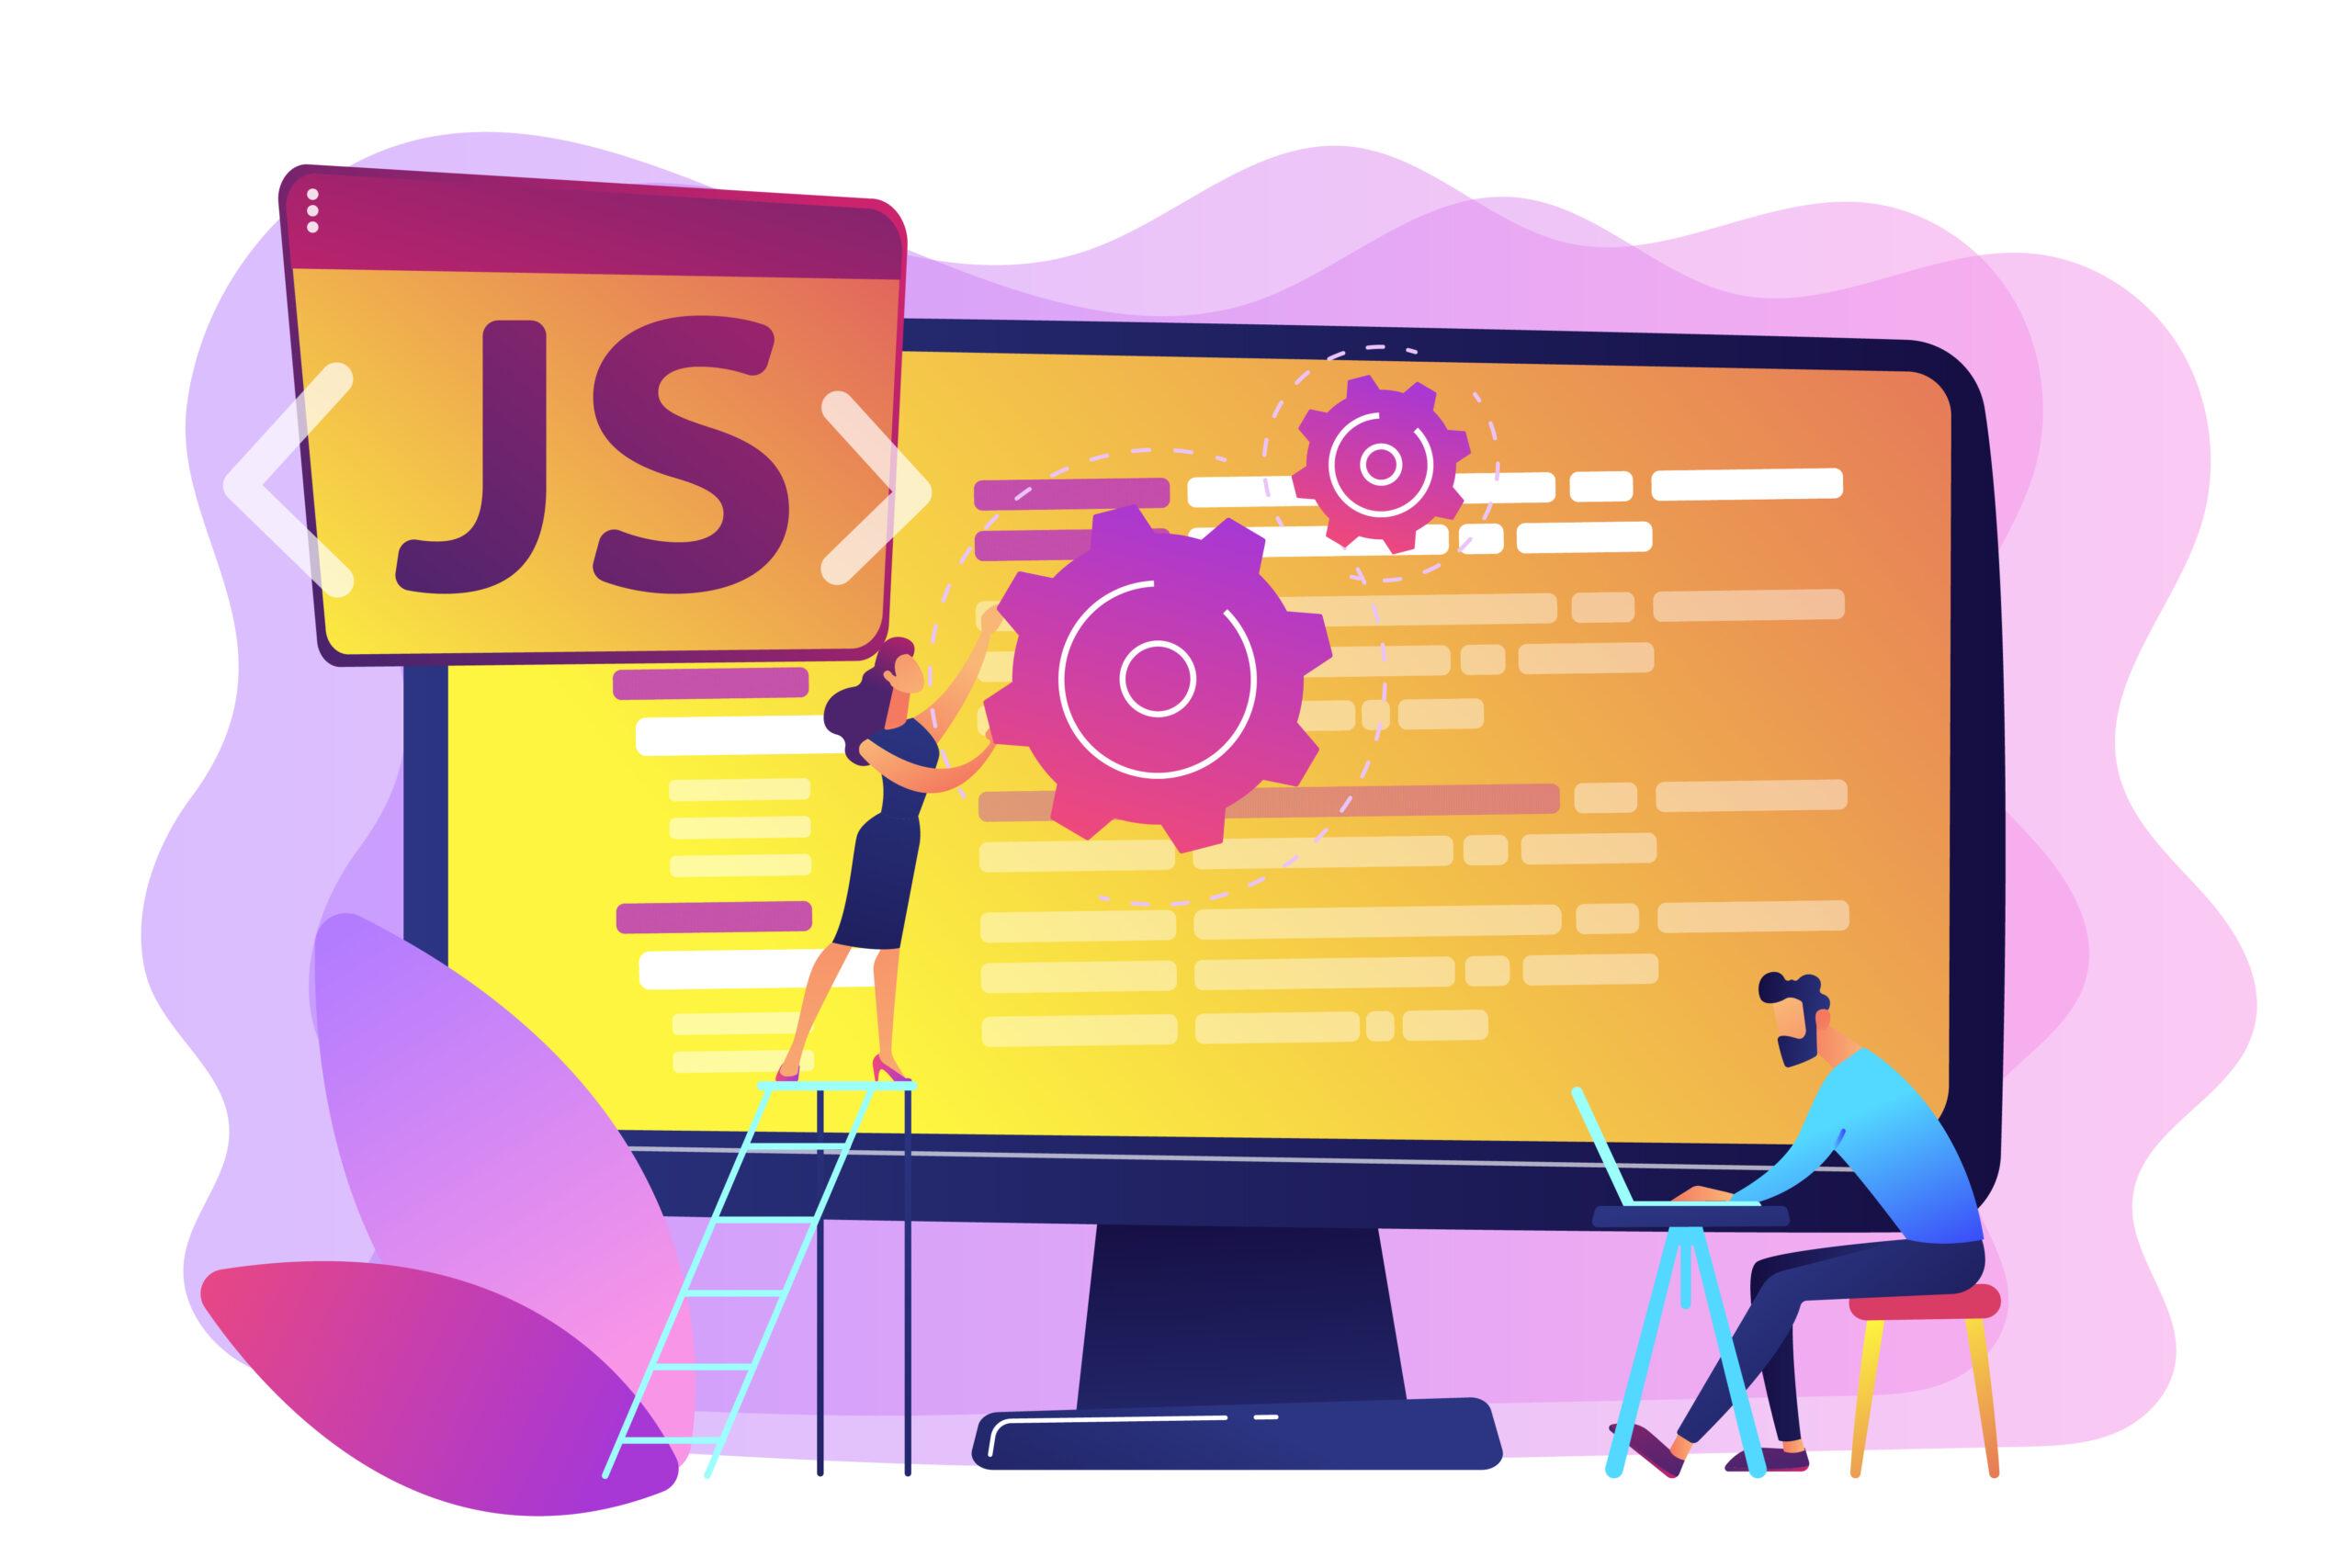 Linguaggi di programmazione_Javascript